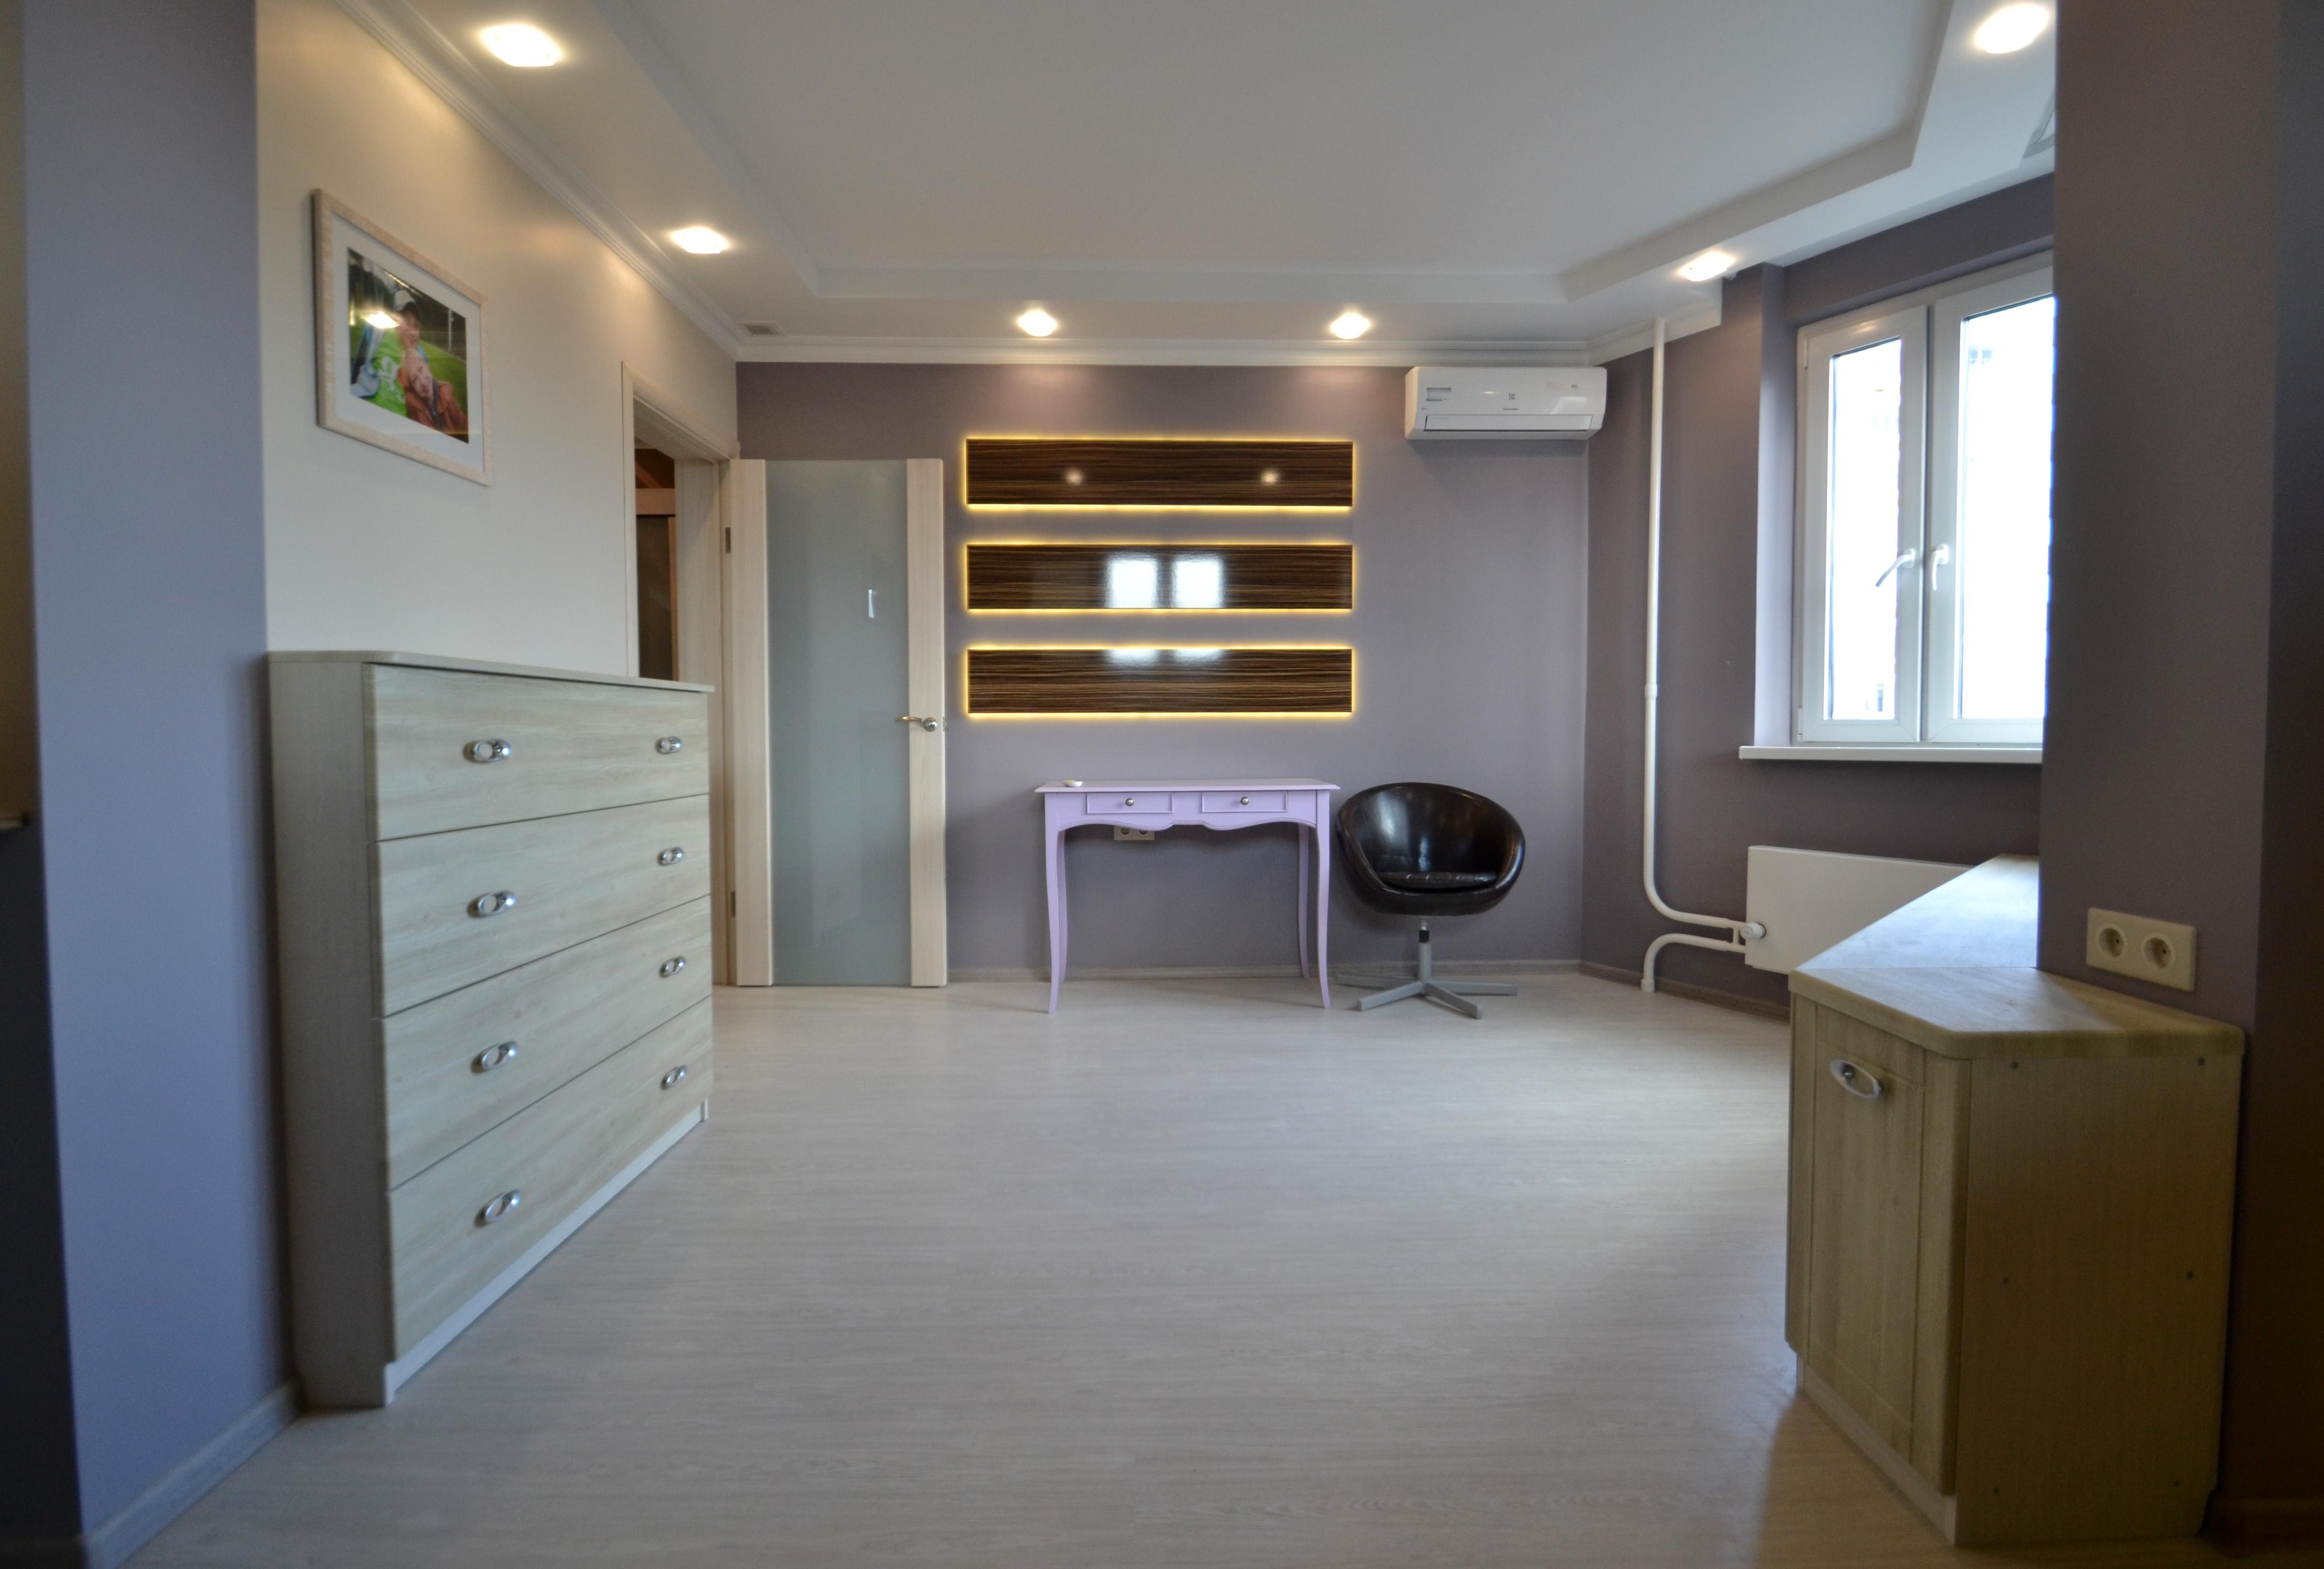 Ремонт и отделка квартир в Рязани - студия ремонта